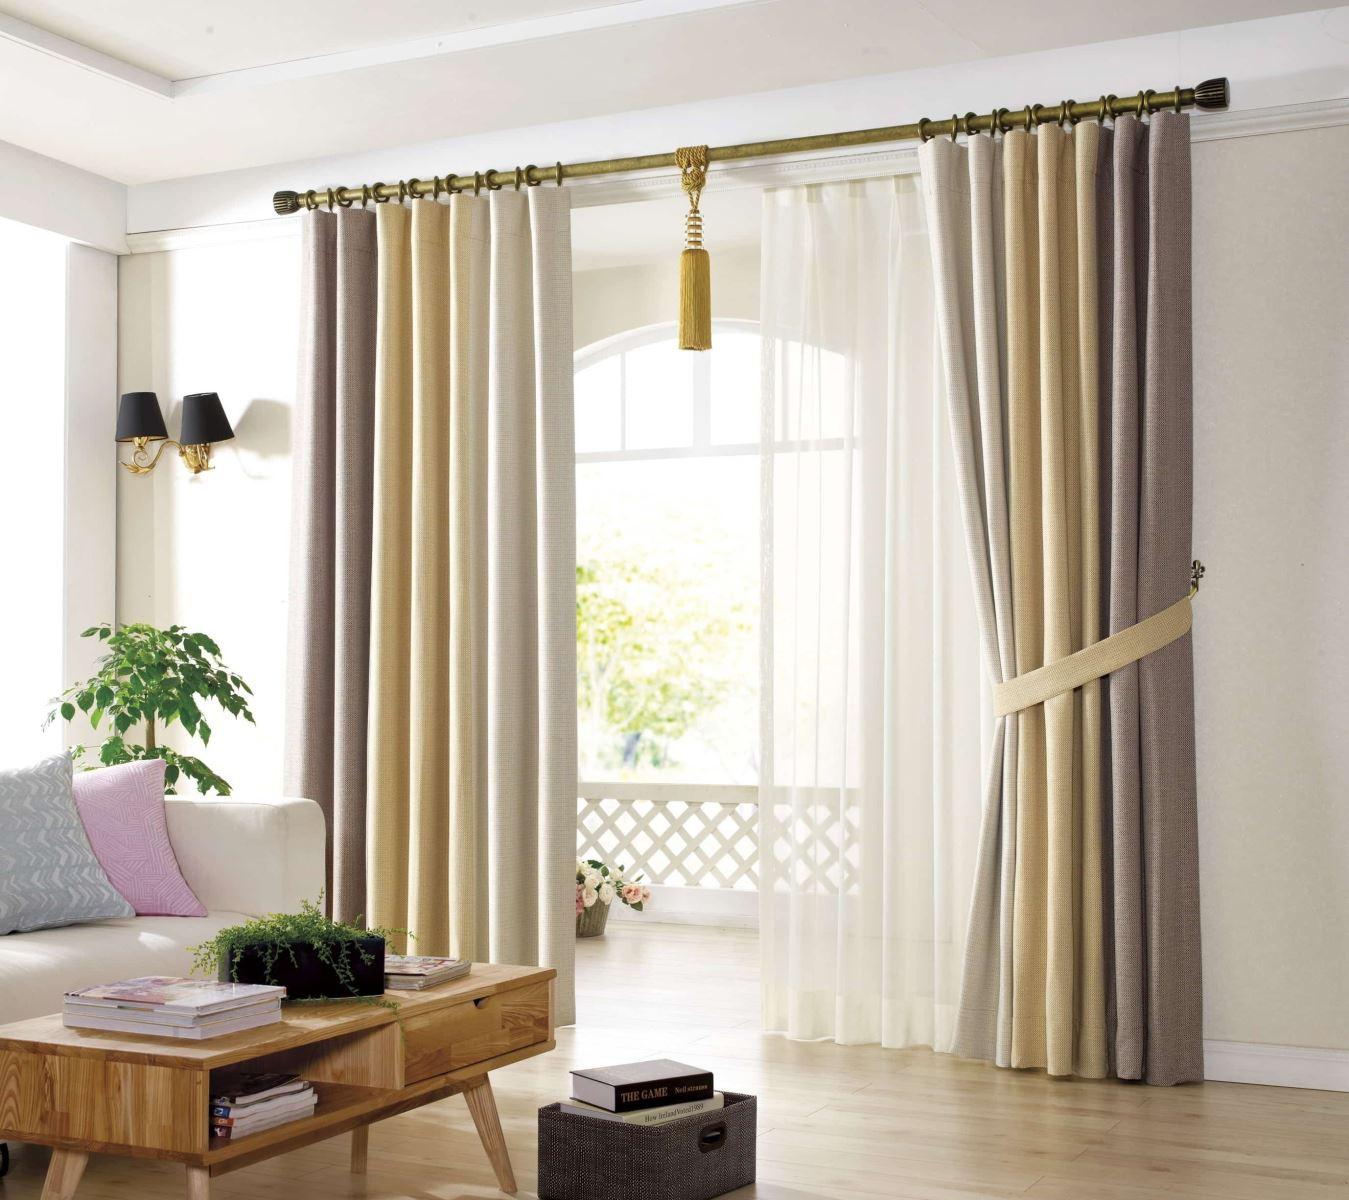 Rèm vải 1 màu tại Hà Đông Hà Nội 0975 765 295